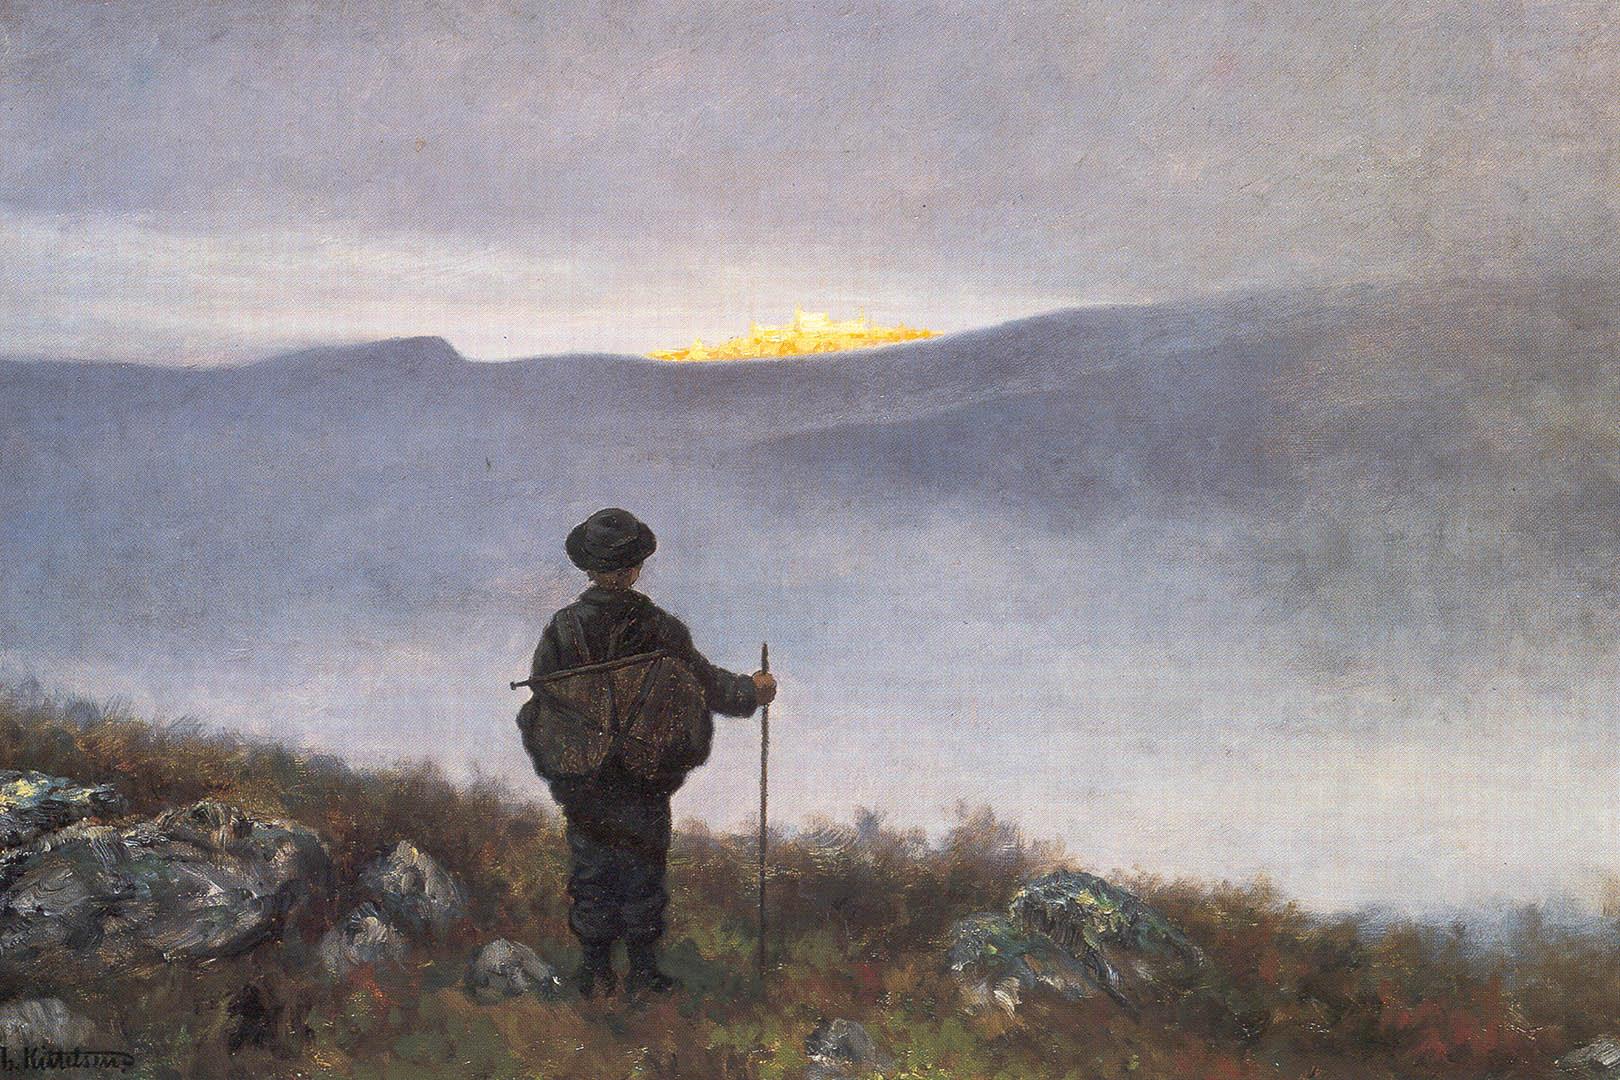 Soria Moria, 1900, Lauvlia, A trip back in time